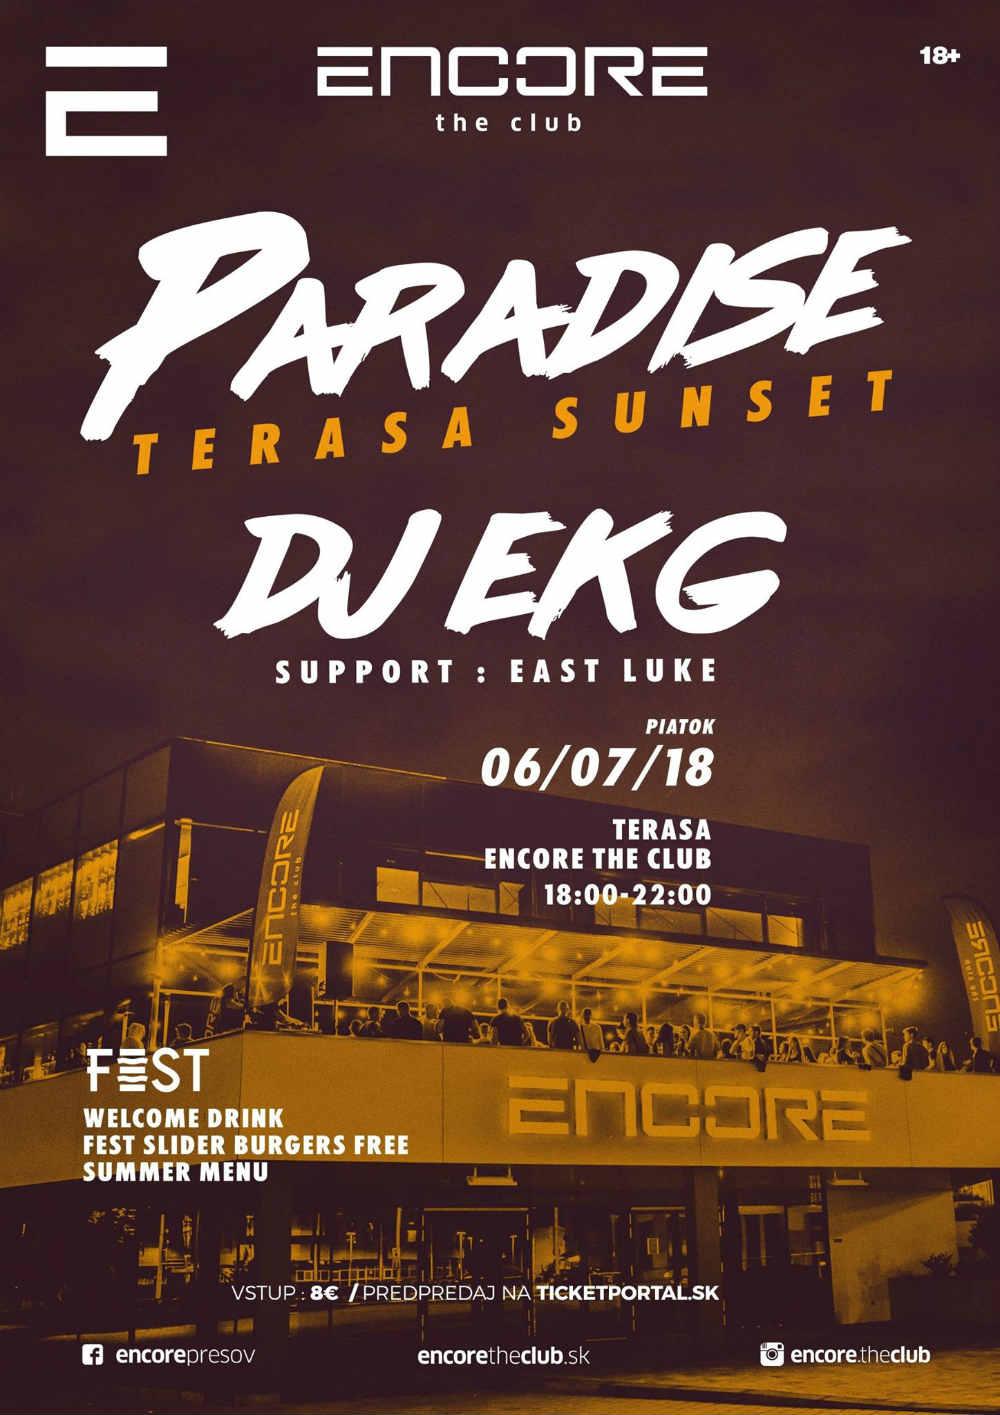 picture Paradise - terasa sunset - DJ EKG